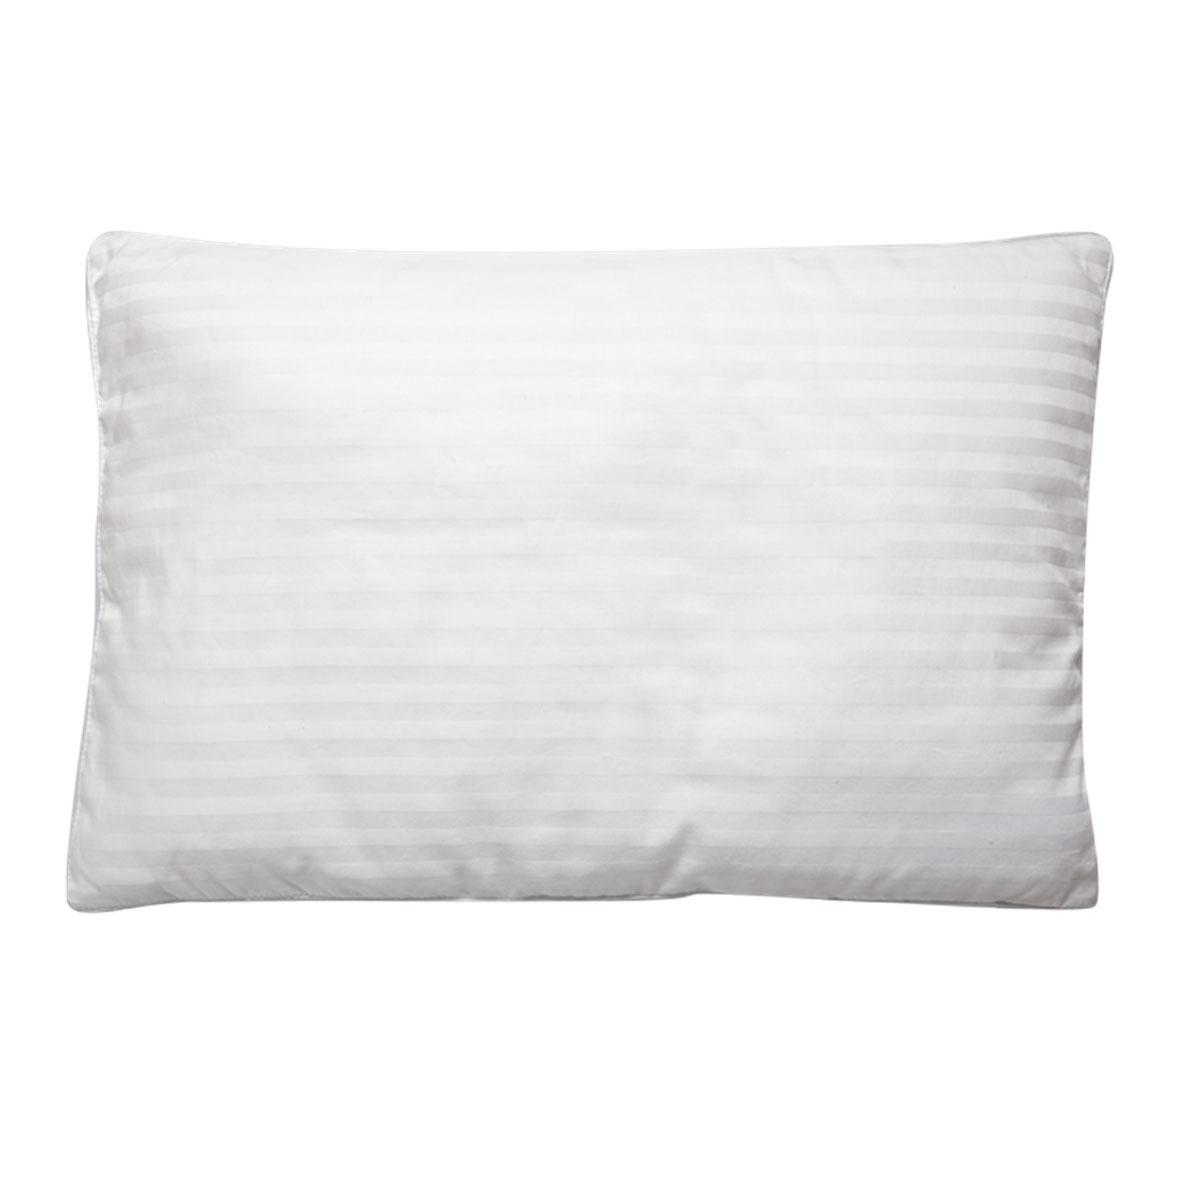 Подушка детская Fani, 40 х 60 см. 113415706-10113415706-10Детская подушка Fani изготовлена из белого итальянского сатина с жаккардовым рисунком с наполнителем из волокна бамбука (пласт под чехлом) и полиэфира. По краям подушка украшена атласной окантовкой. Бамбук является природным антисептиком, обладающим уникальными антибактериальными и дезодорирующими свойствами. Также бамбуковое волокно является абсолютно гипоаллергенным наполнителем, что делает его идеальным для постели ребенка. Характеристики:Материал чехла: сатин, жаккард (100% хлопок). Наполнитель: 70% волокно бамбука, 30% полиэфир. Размер: 40 см х 60 см. Высота подушки: 4 см.